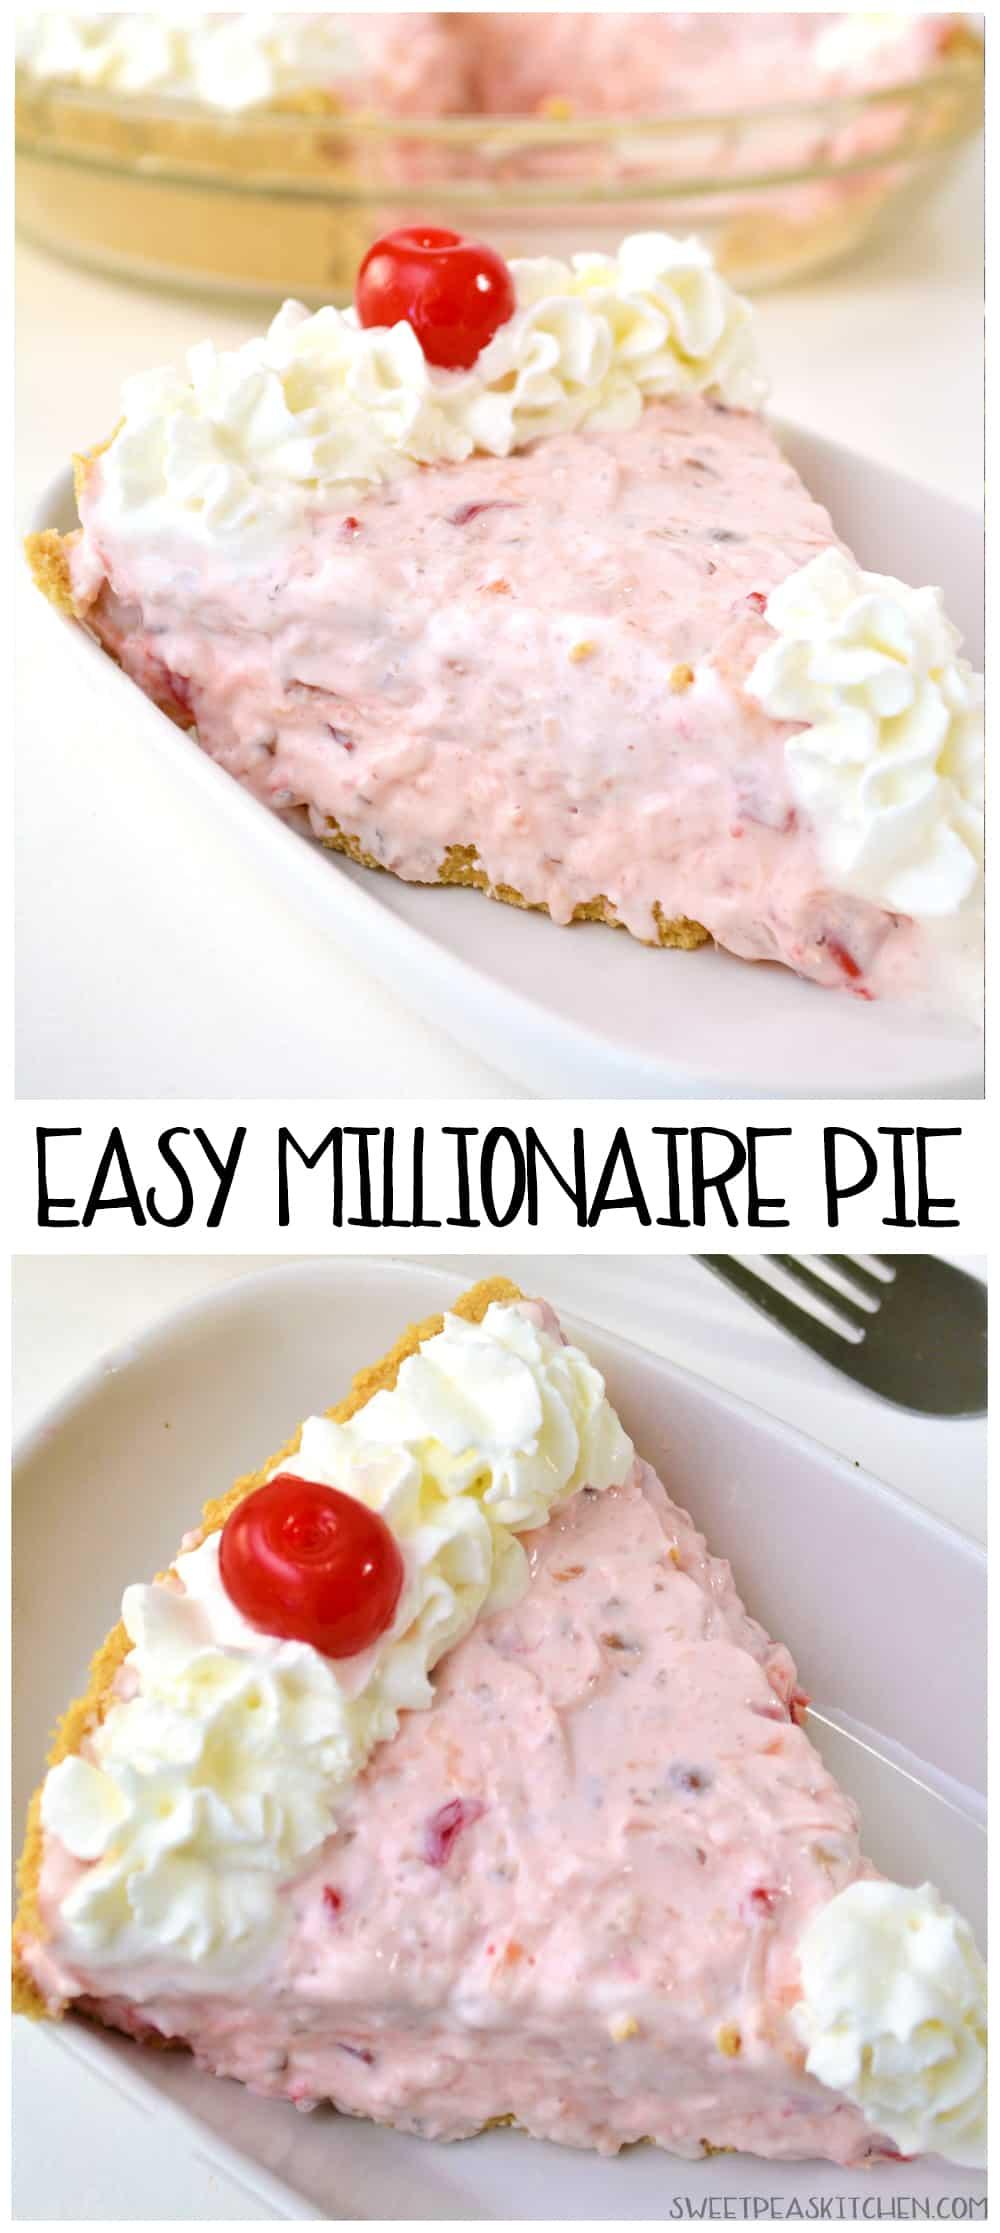 Easy Millionaire Pie